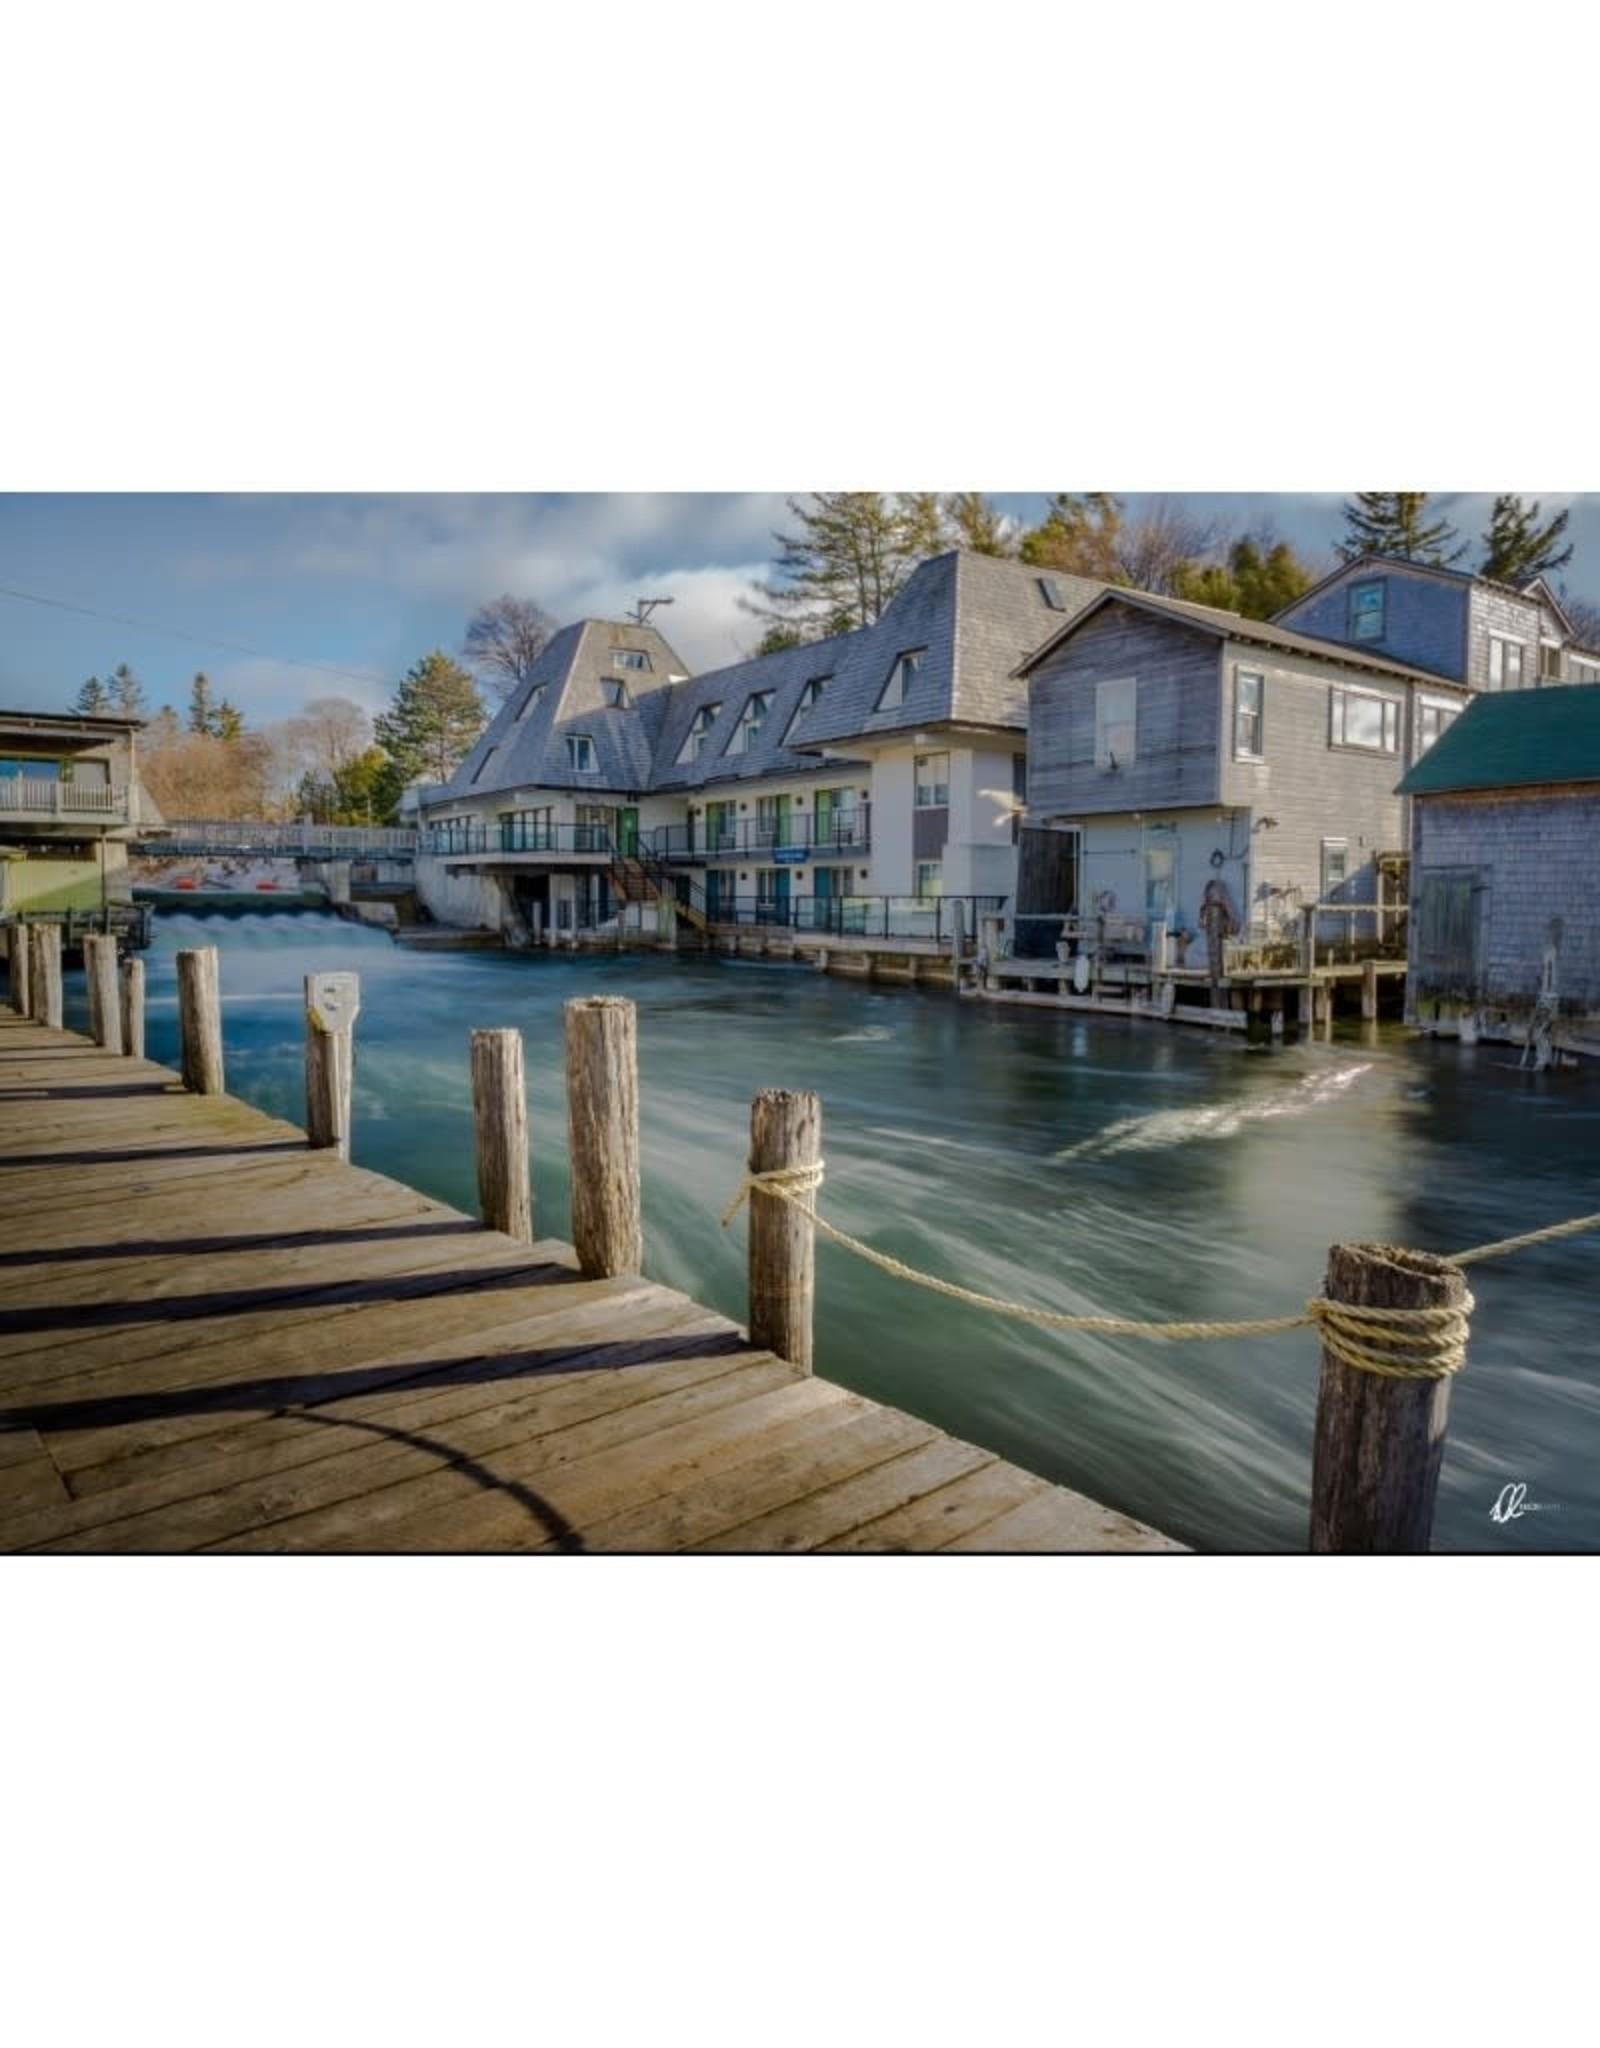 Nick Irwin Images Fishtown Leland